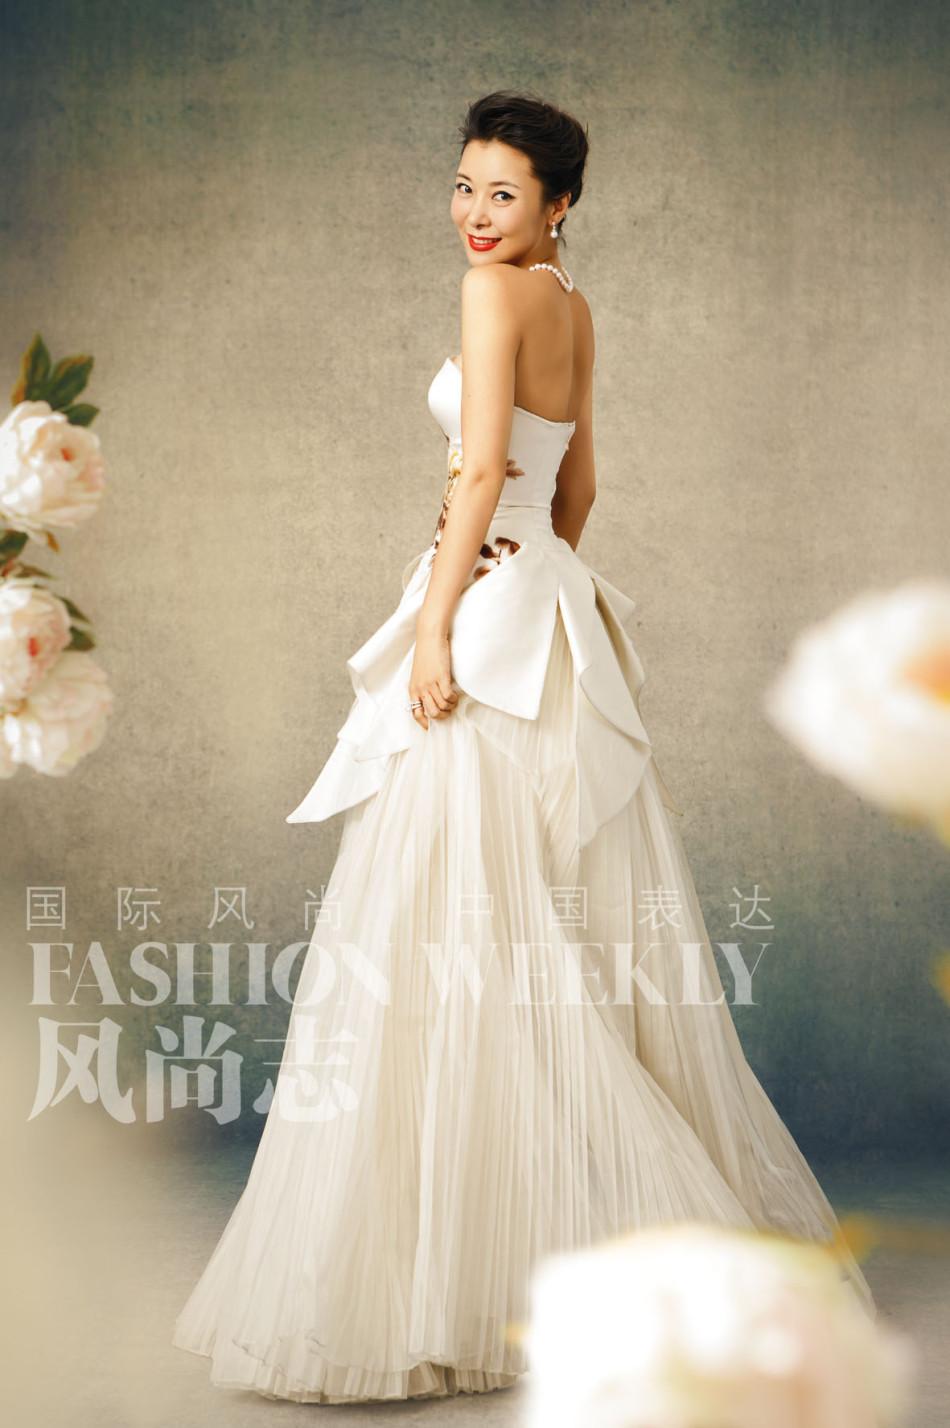 风尚志 8月刊 爱在流行的中国风尚